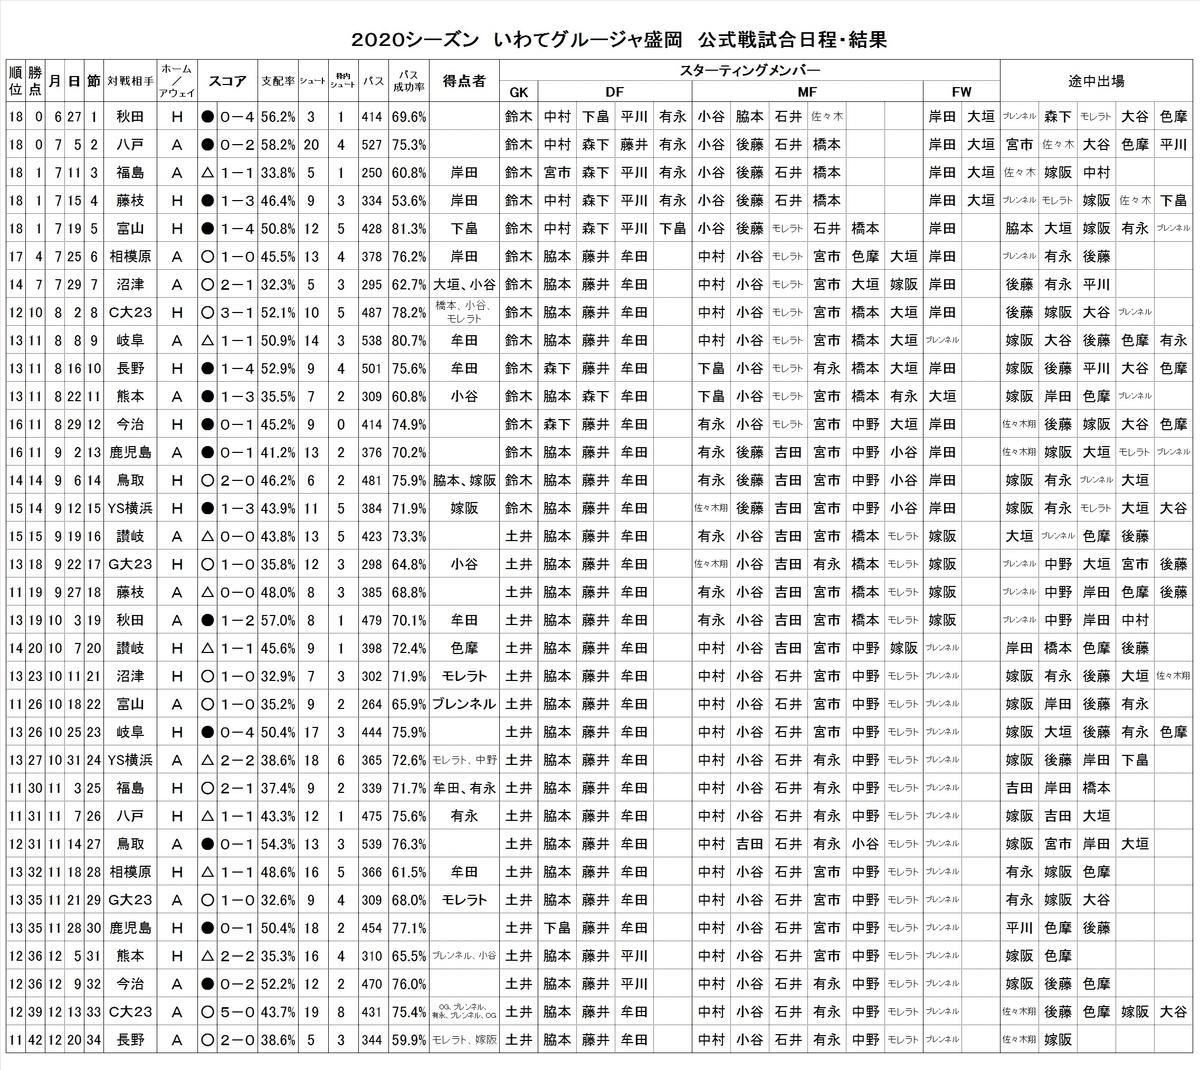 f:id:zenbuddhist:20201227094005j:plain